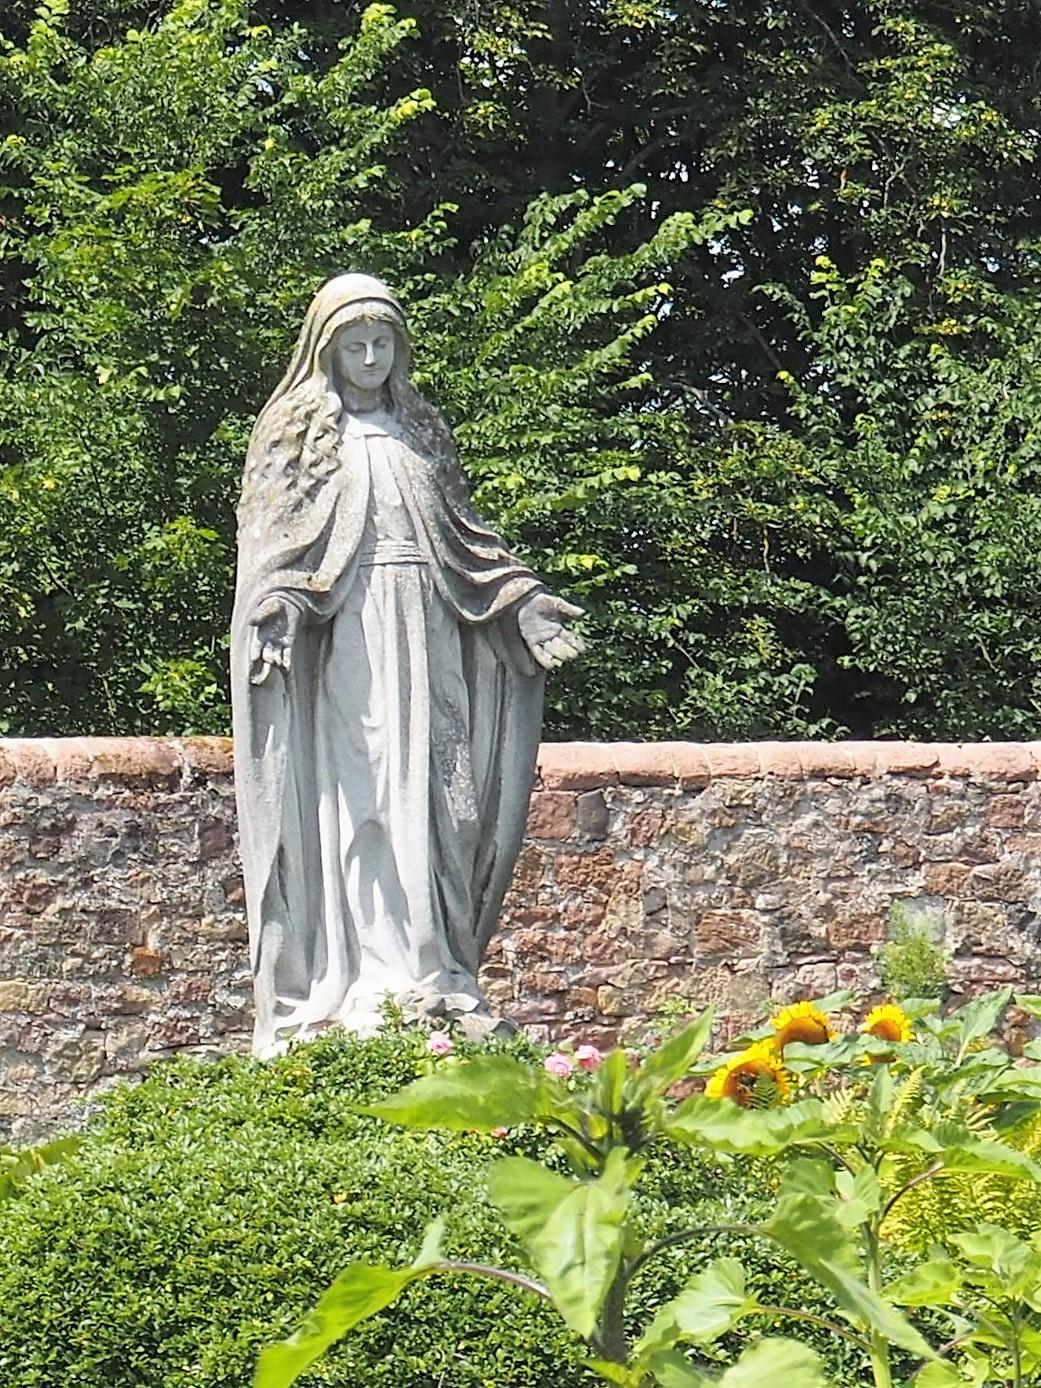 Impressionen vom Klostergarten Kloster Frauenberg Fulda